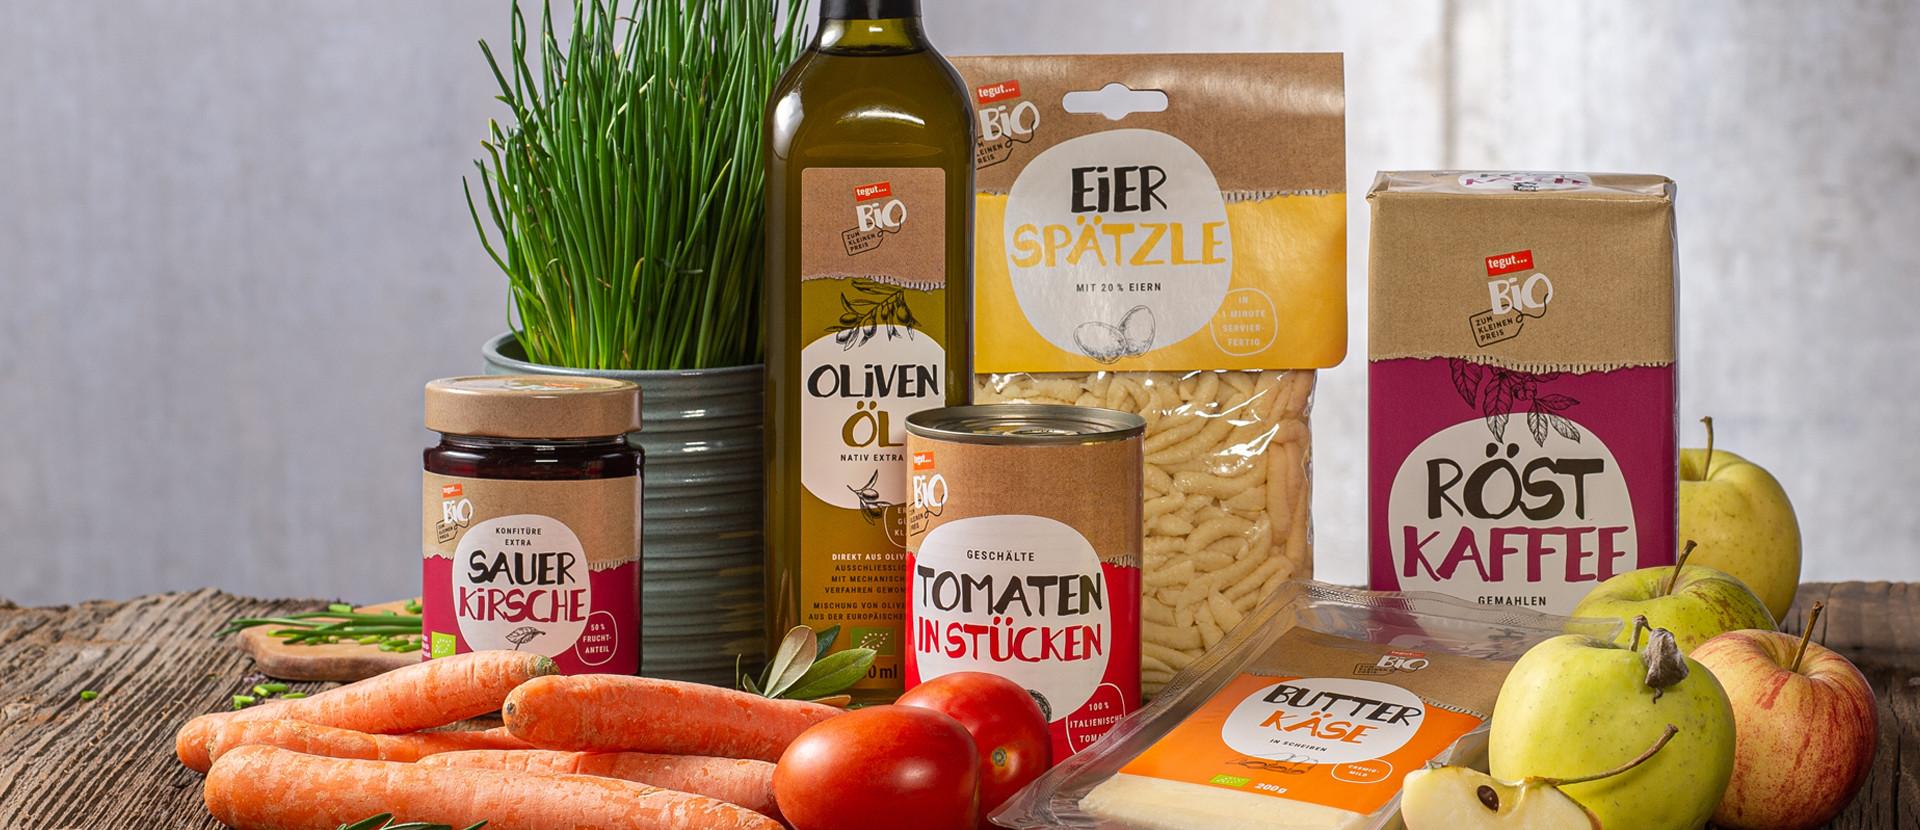 tegut Bio zum kleinen Preis Produkte